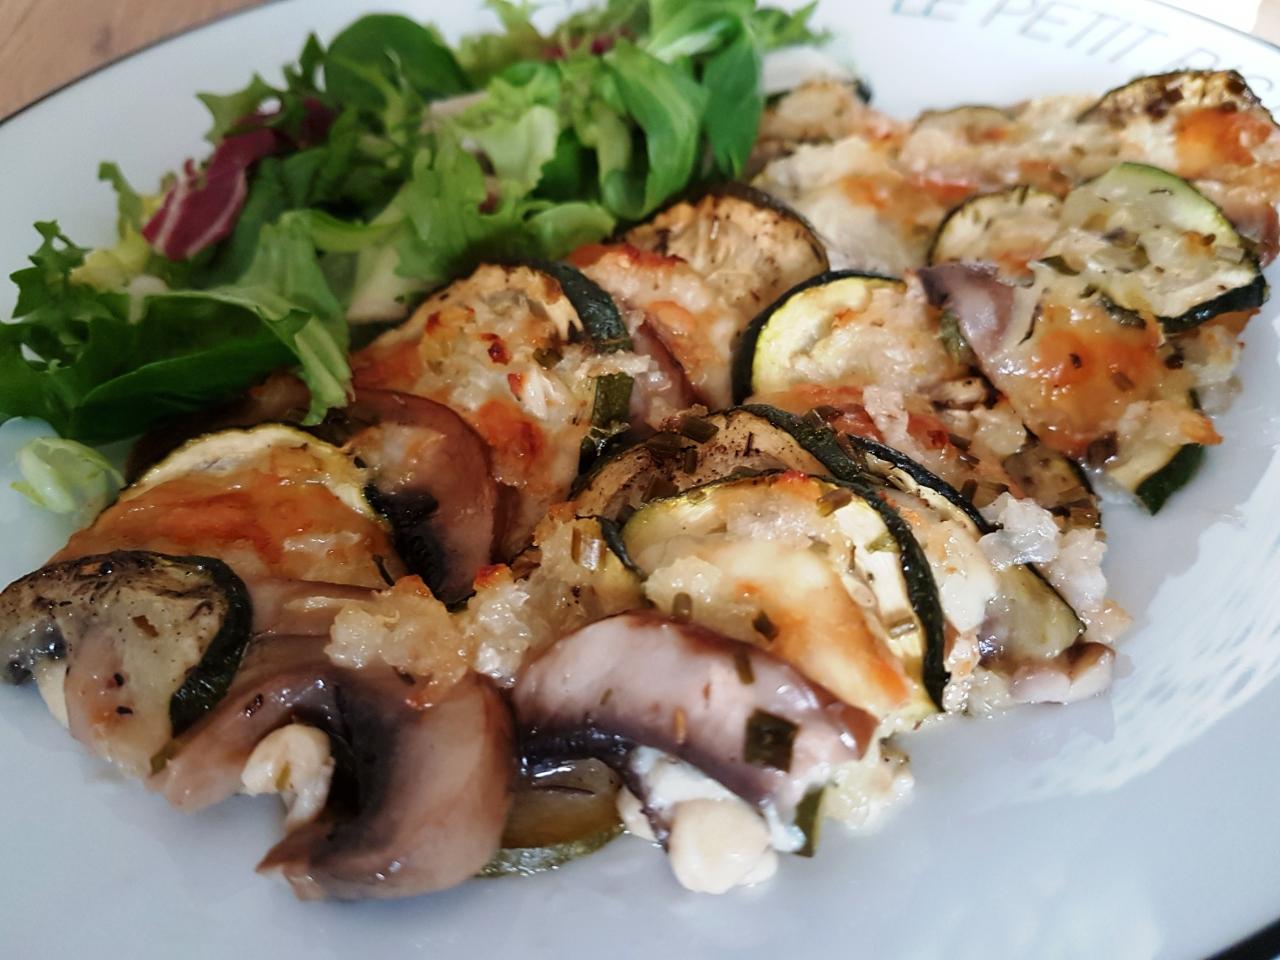 Courgette champignon mozzarella au four le plaisir de cuisiner healthy - Cuisiner des aubergines au four ...